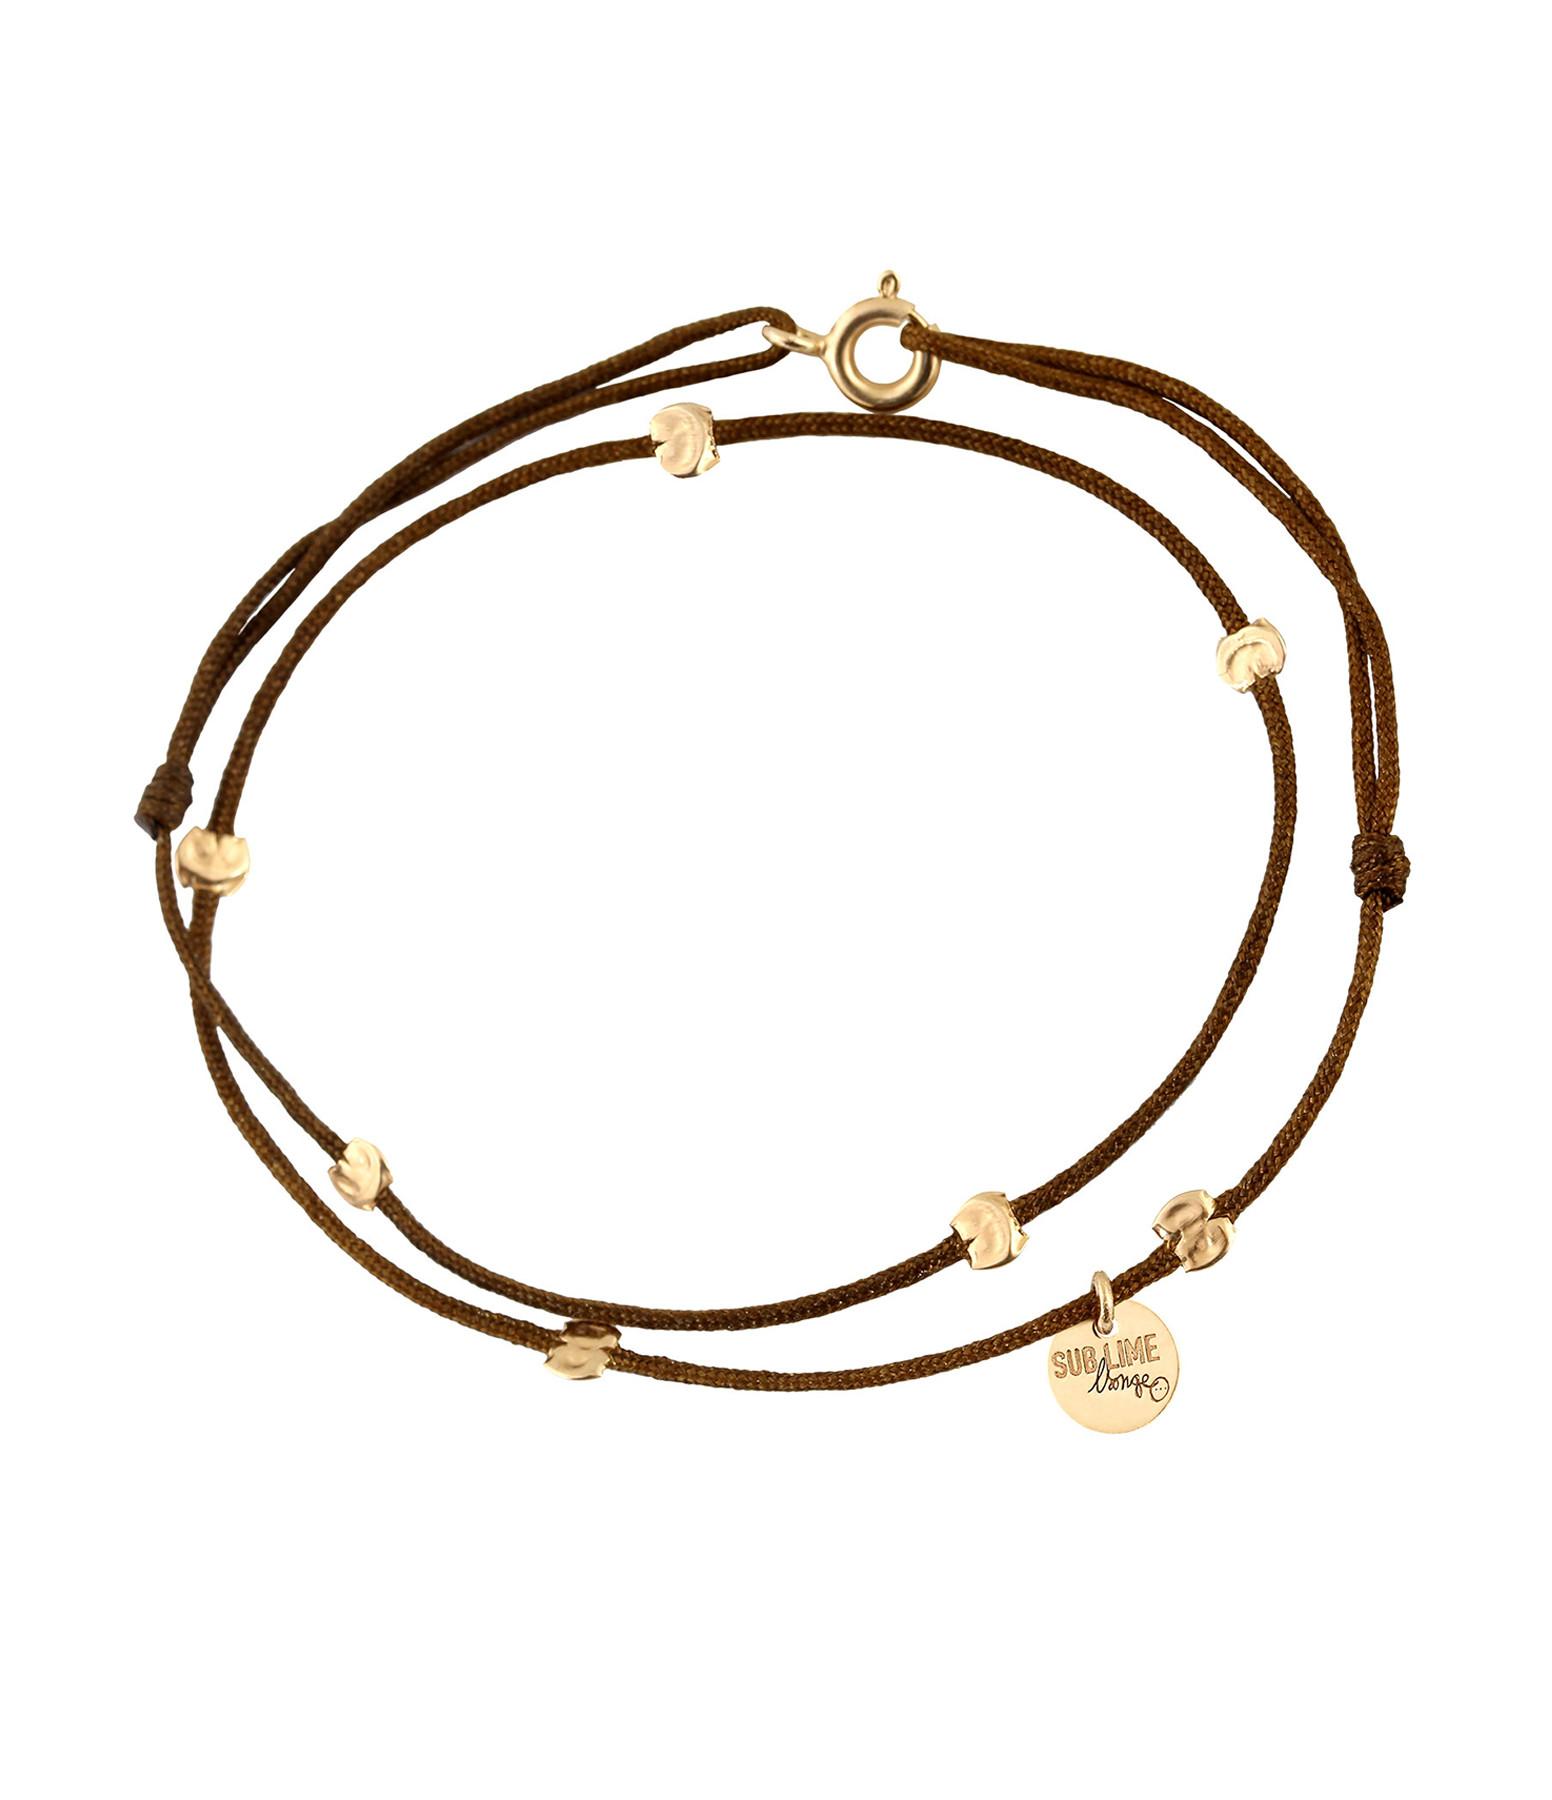 LSONGE - Bracelet Double Cordon Sublime 7 Pépites Or